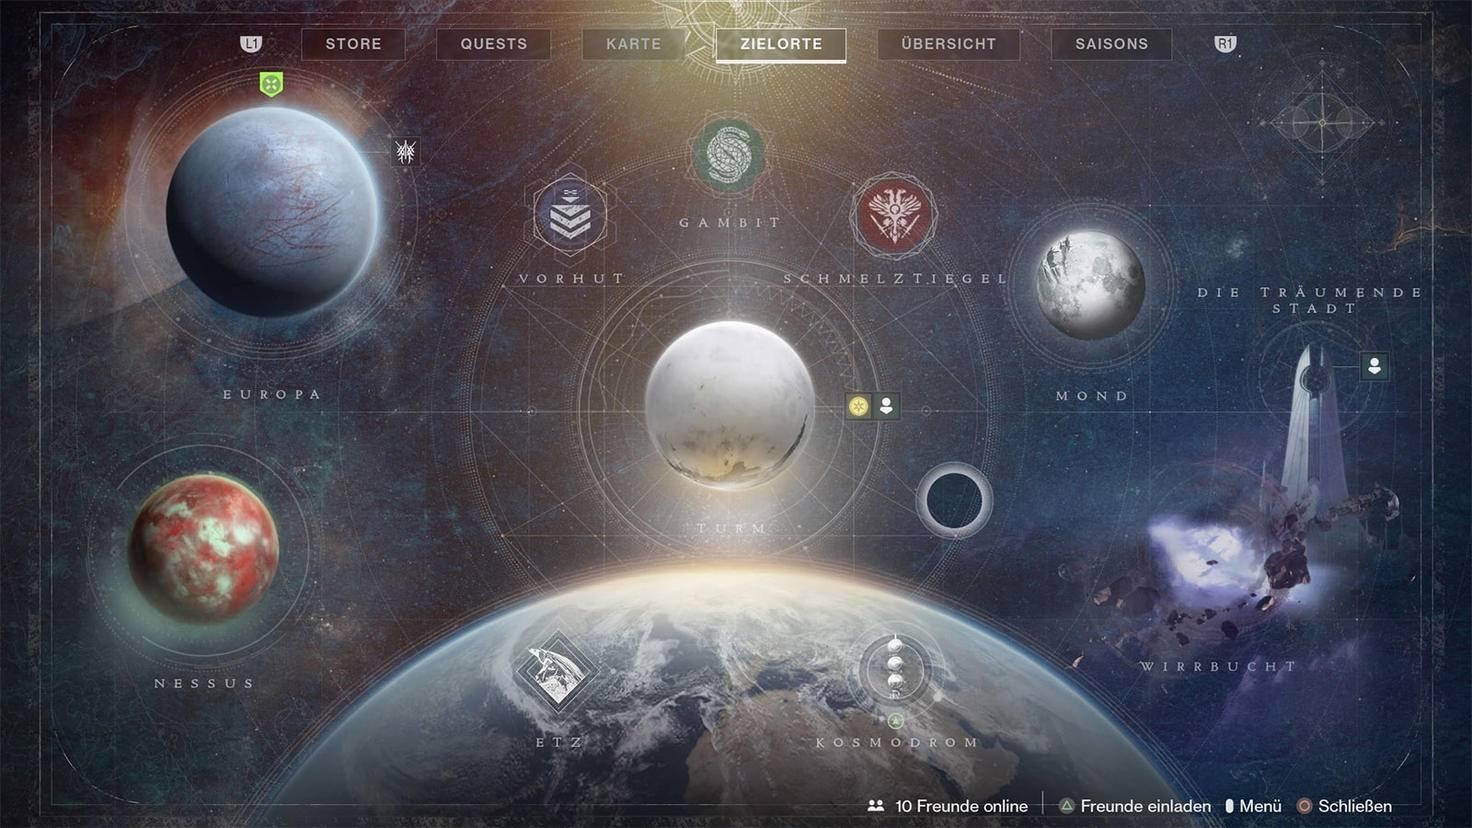 Destiny 2 Jenseits des Lichts Karte mit Zielorten